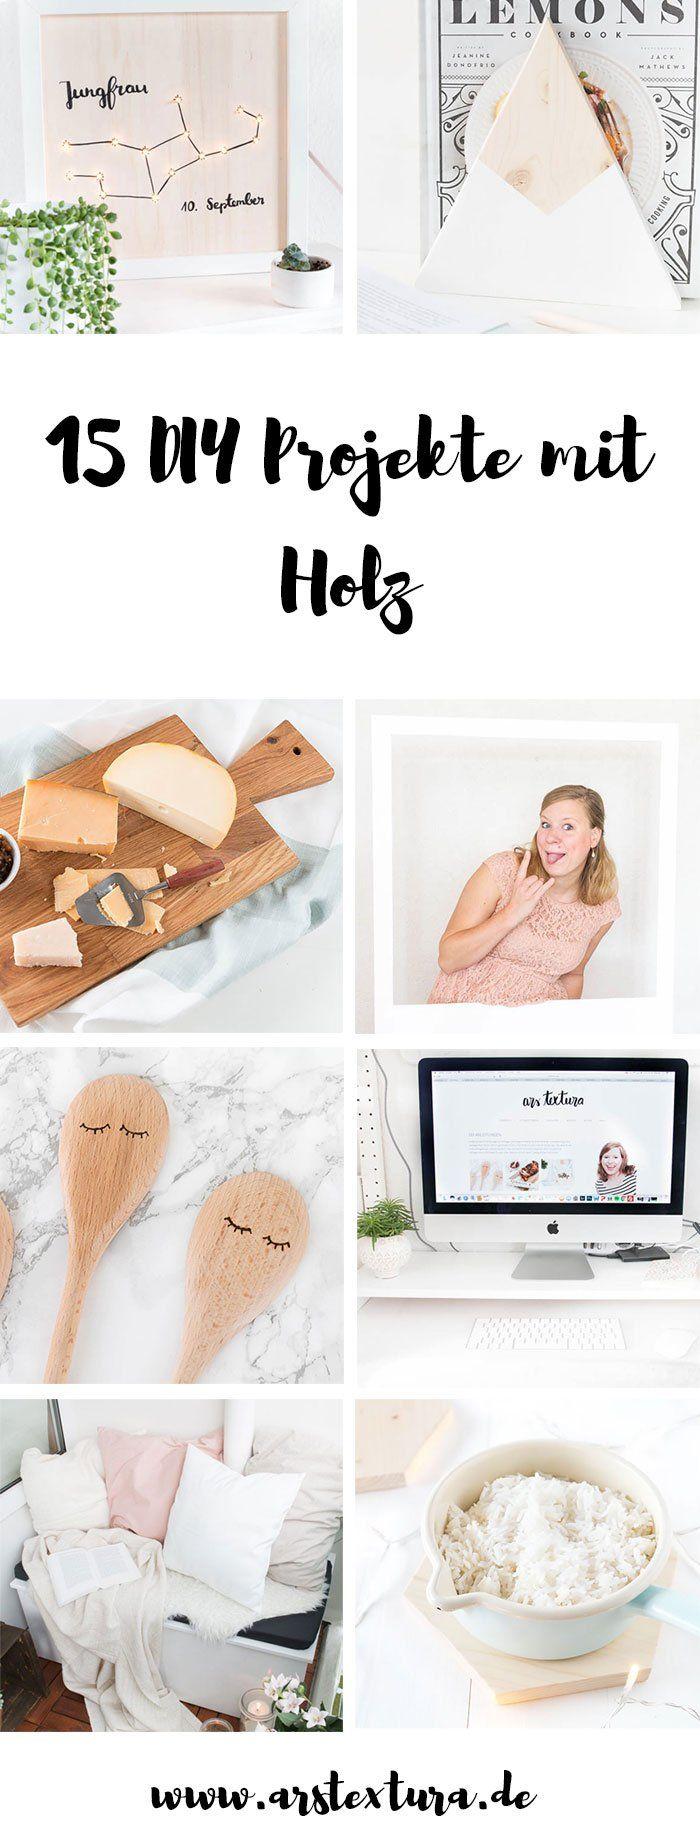 die besten 25 einfache rezepte f r anf nger ideen auf pinterest einfache rezepte anf nger. Black Bedroom Furniture Sets. Home Design Ideas